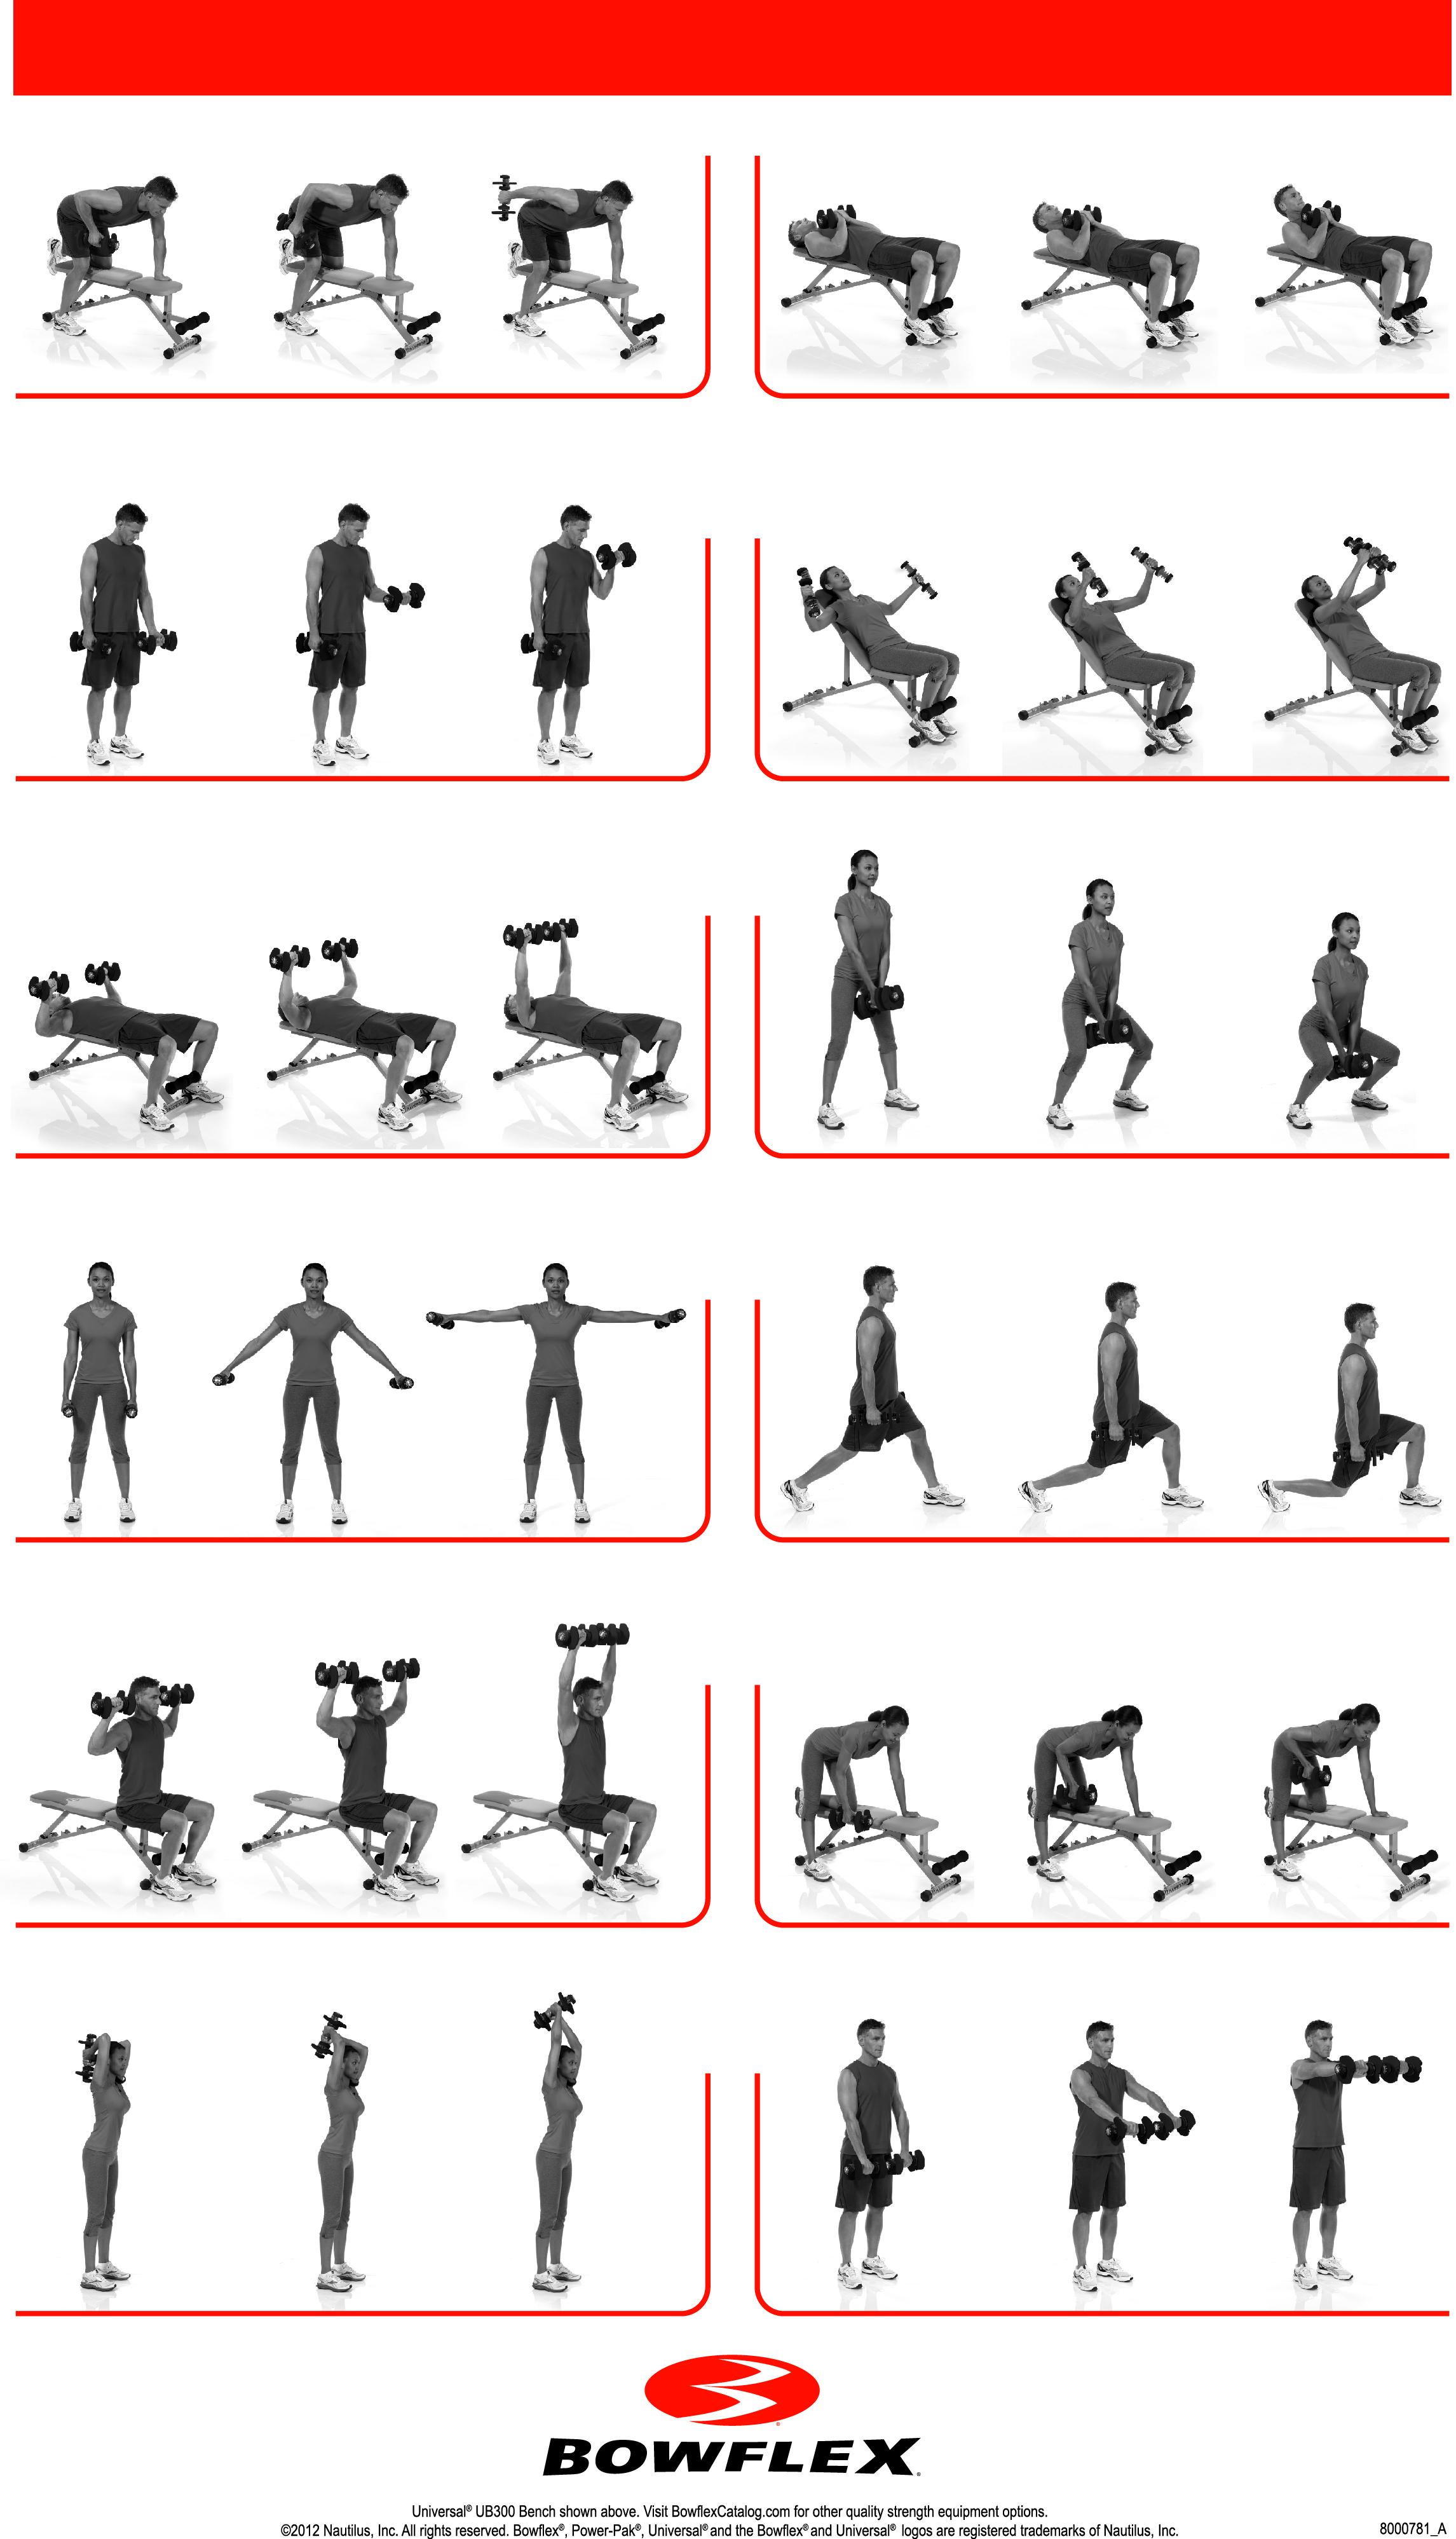 Printable Bowflex Workouts : printable, bowflex, workouts, Bowflex, Manuals